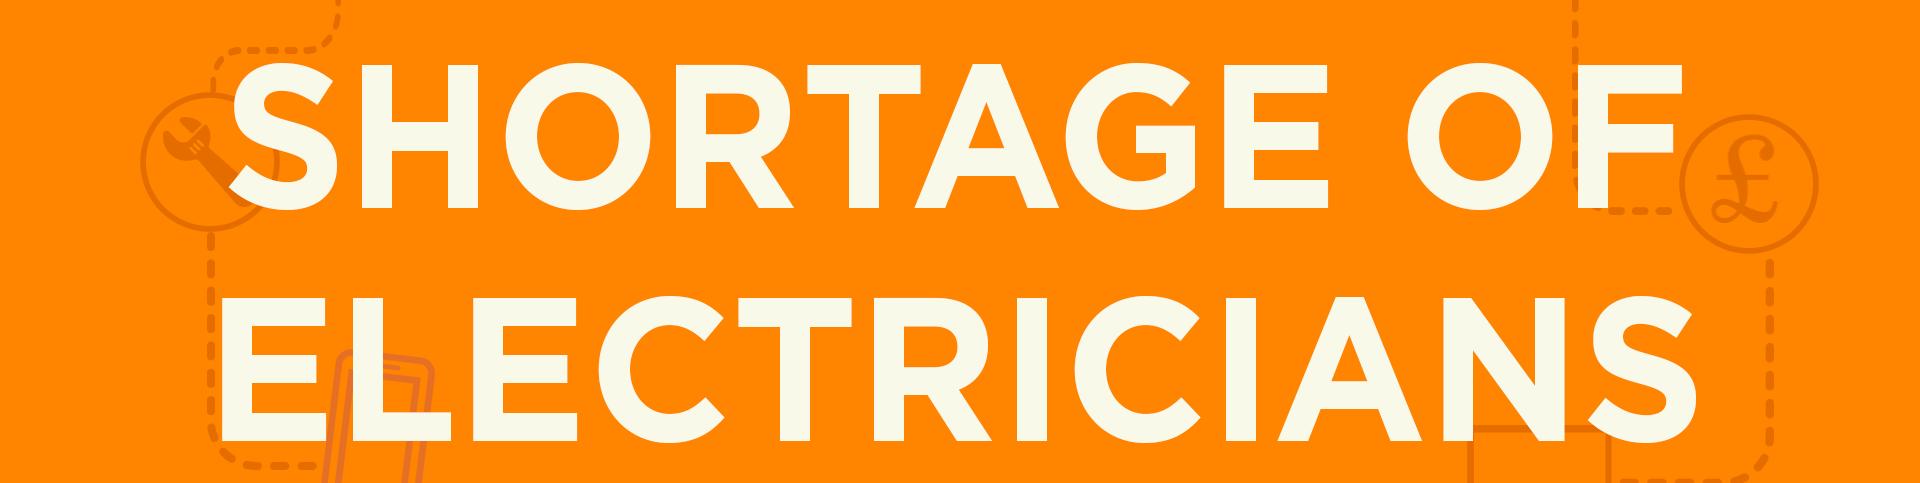 electrician-shortage-header